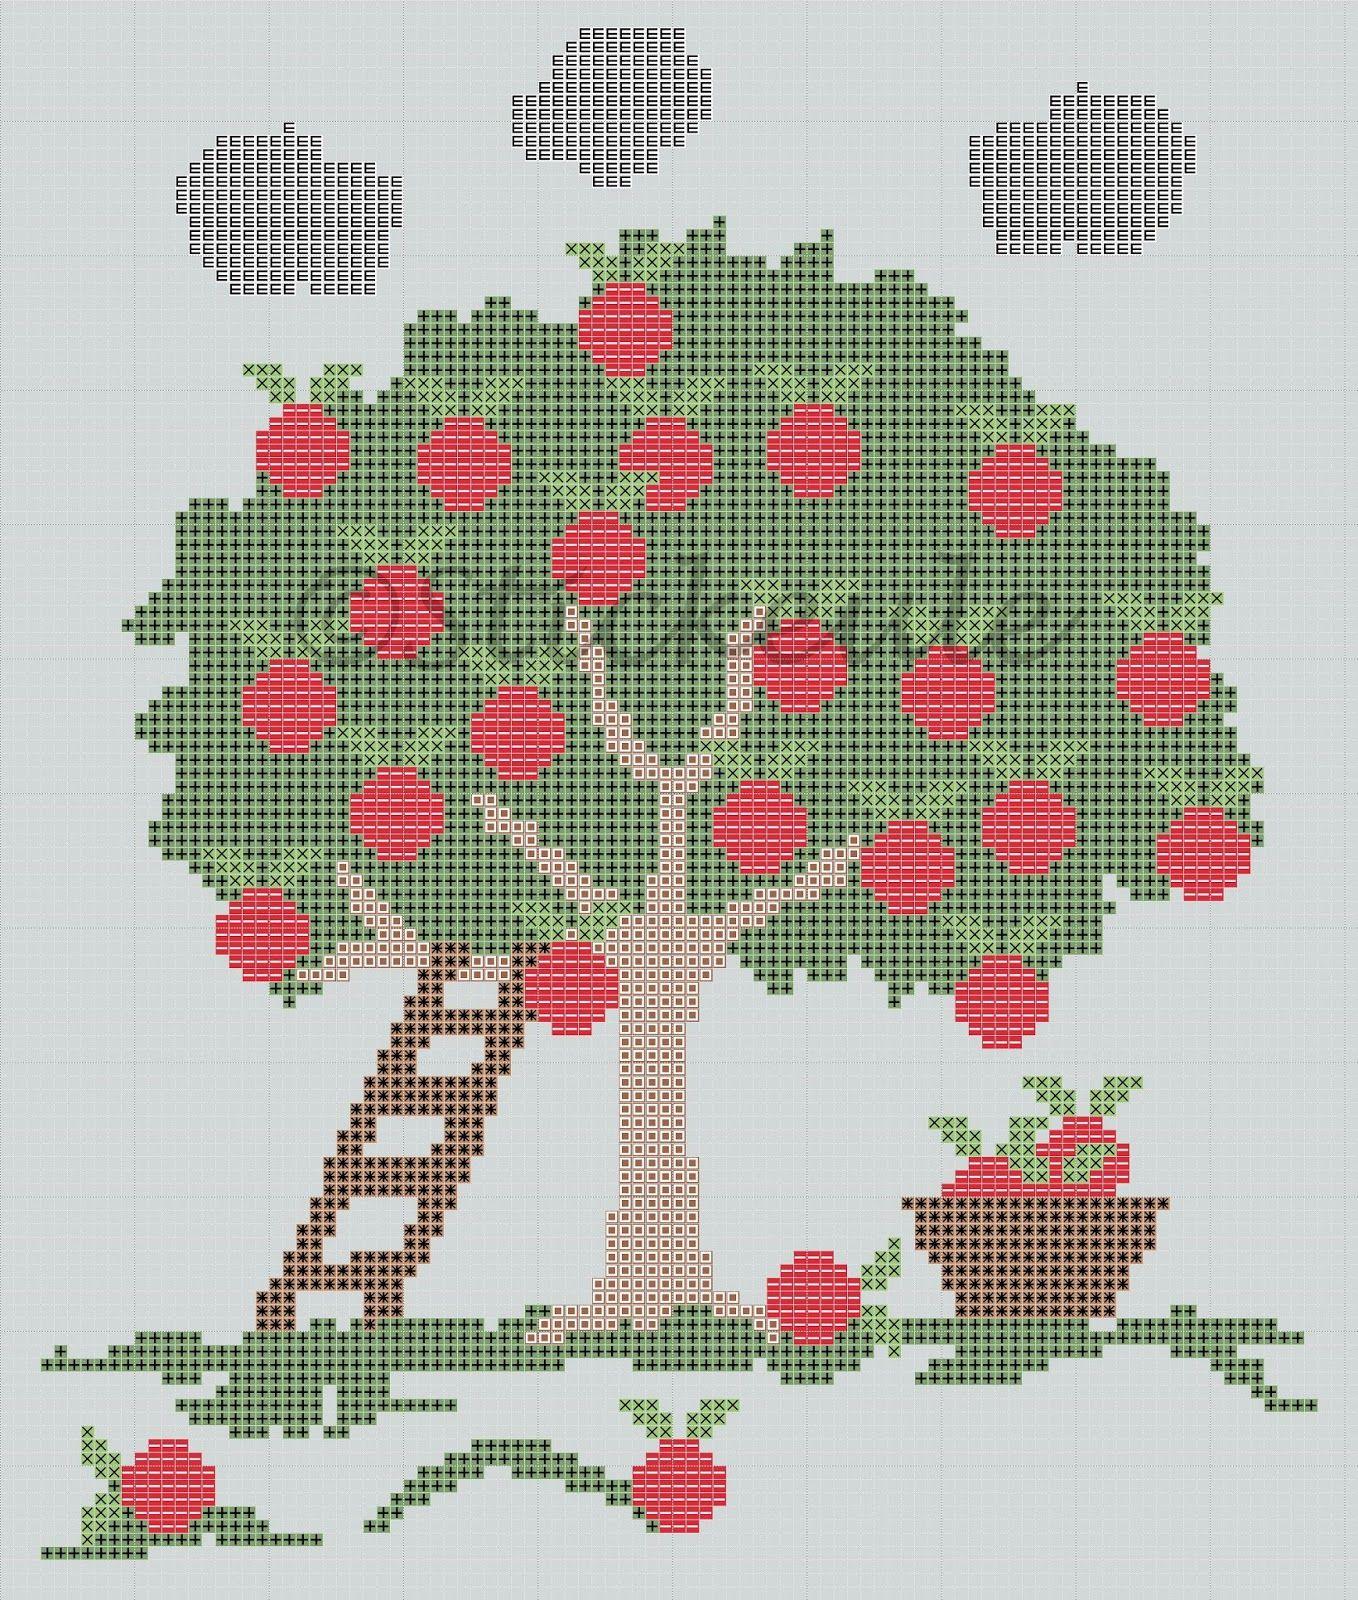 Großartig Vorlagen Von Bäumen Fotos - Beispielzusammenfassung Ideen ...